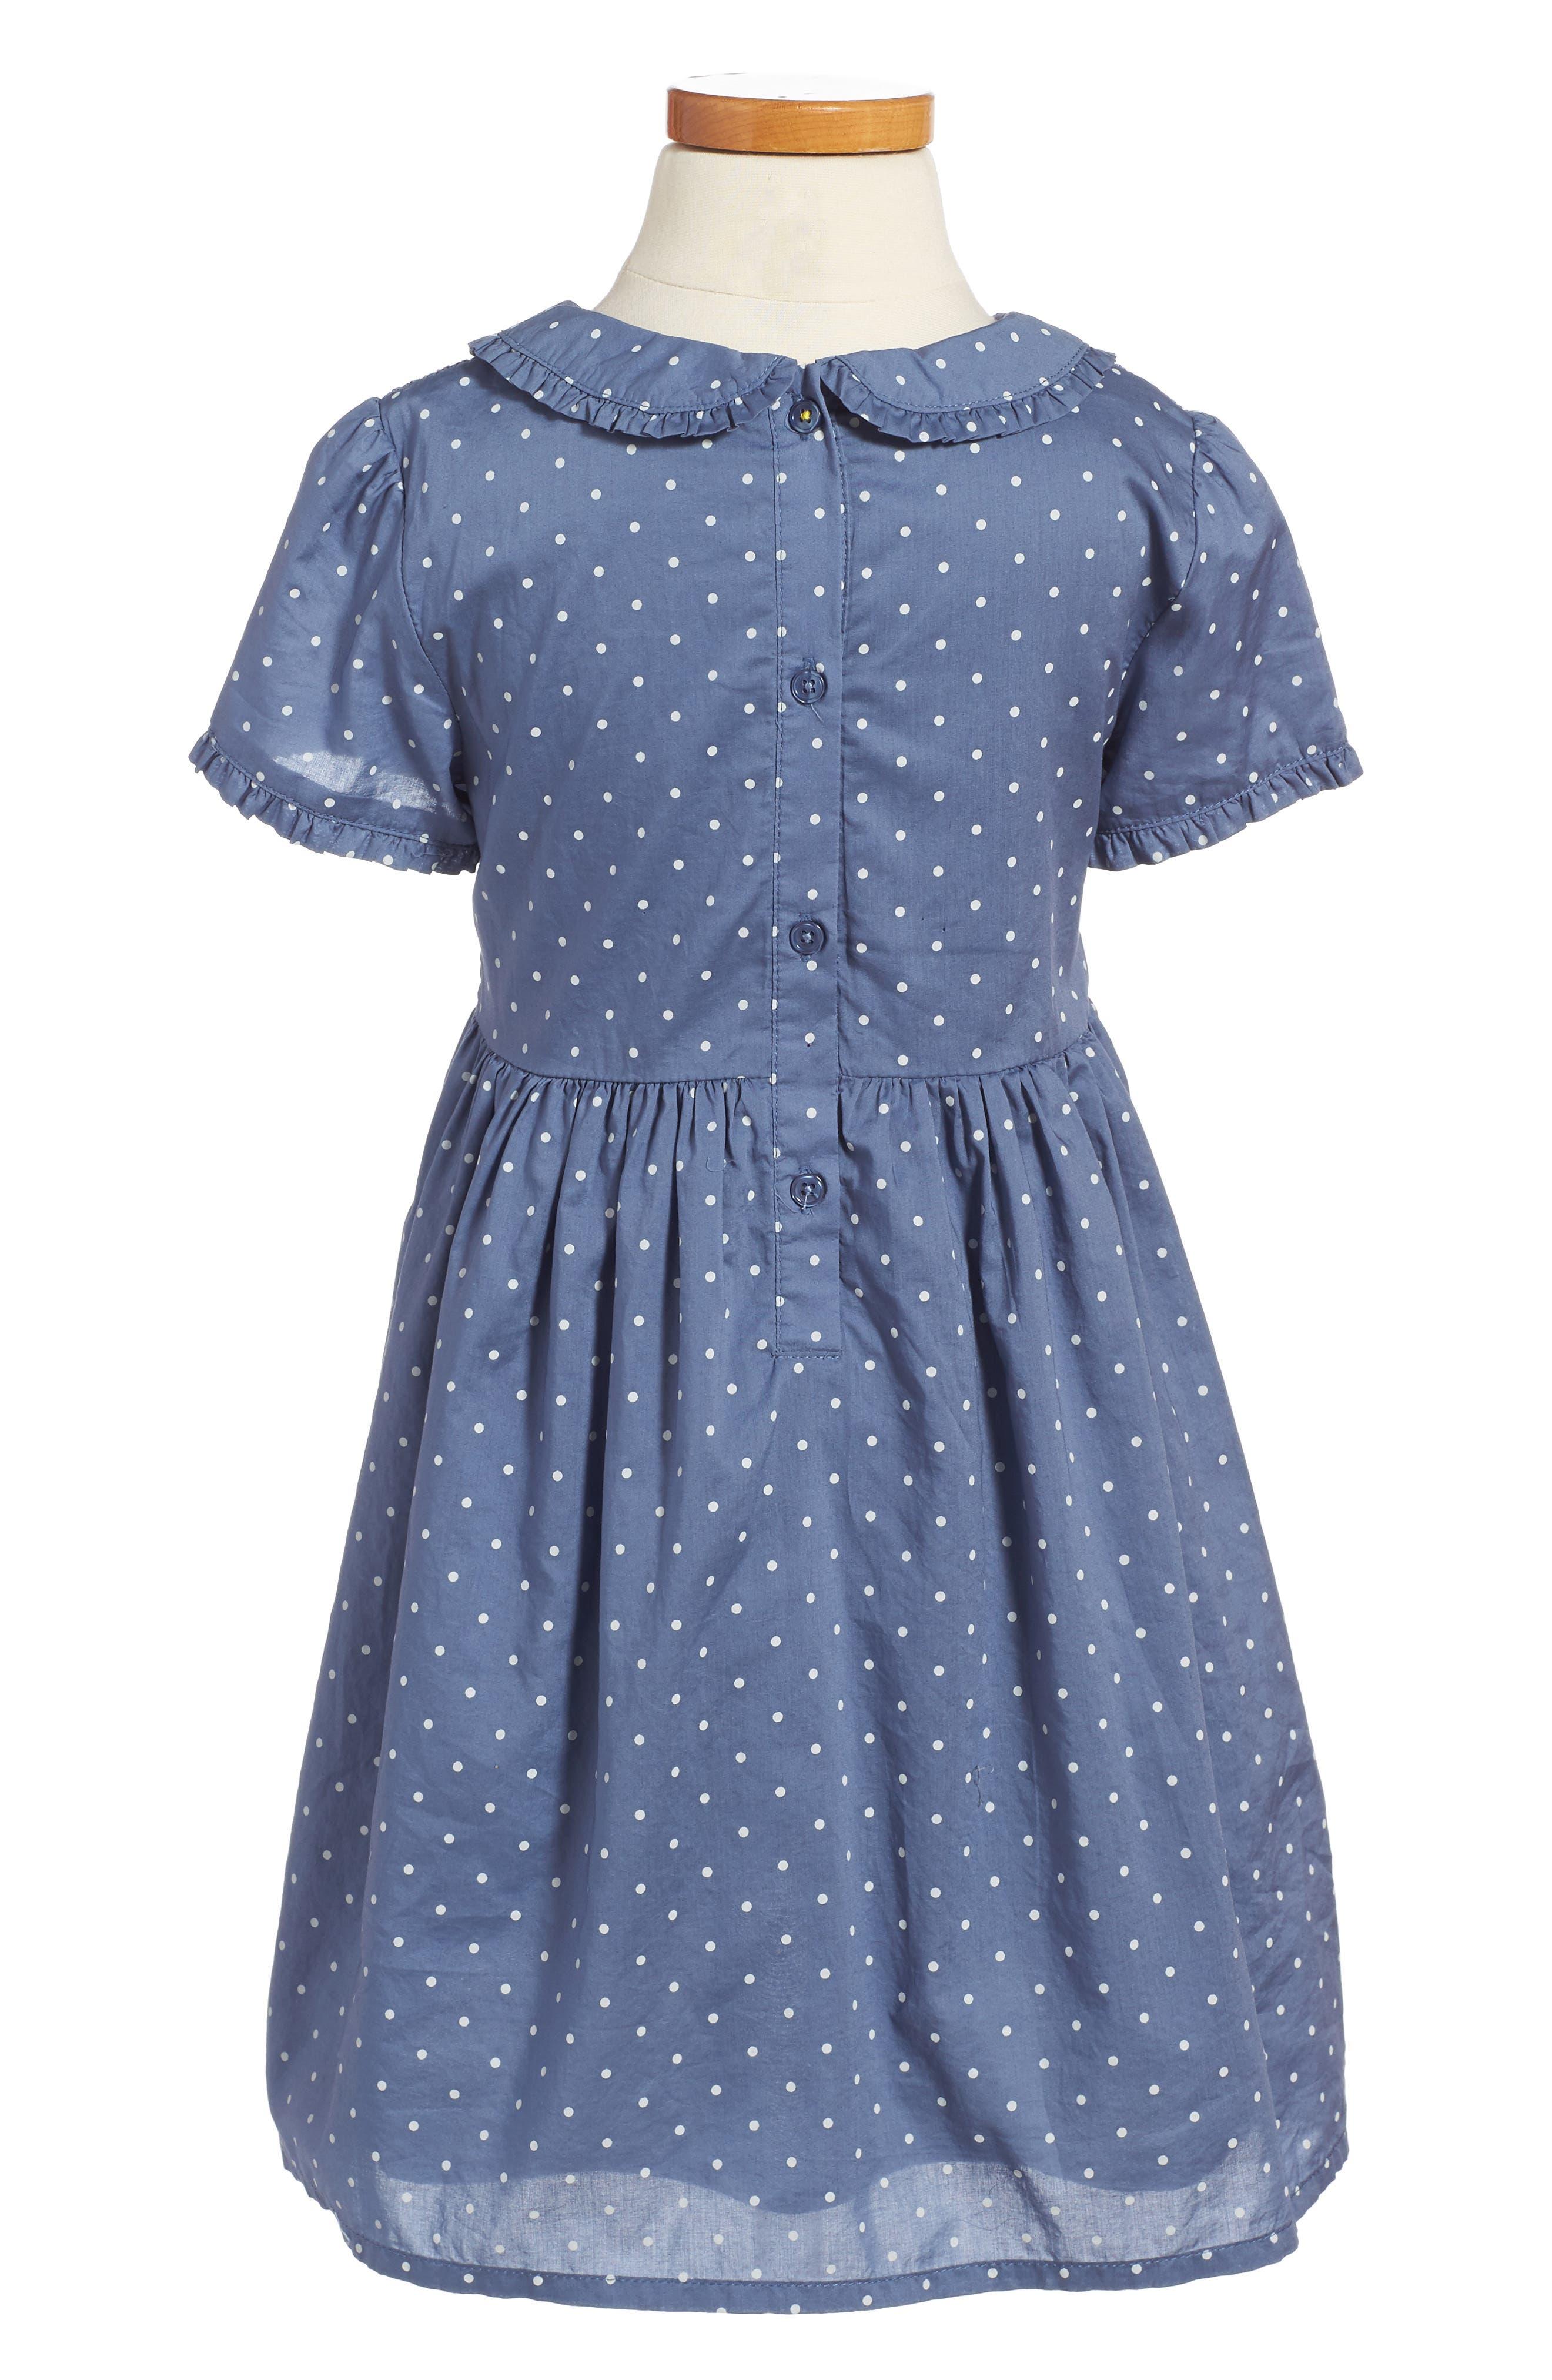 Alternate Image 2  - Mini Boden Pretty Smock Dress (Toddler Girls, Little Girls & Big Girls)